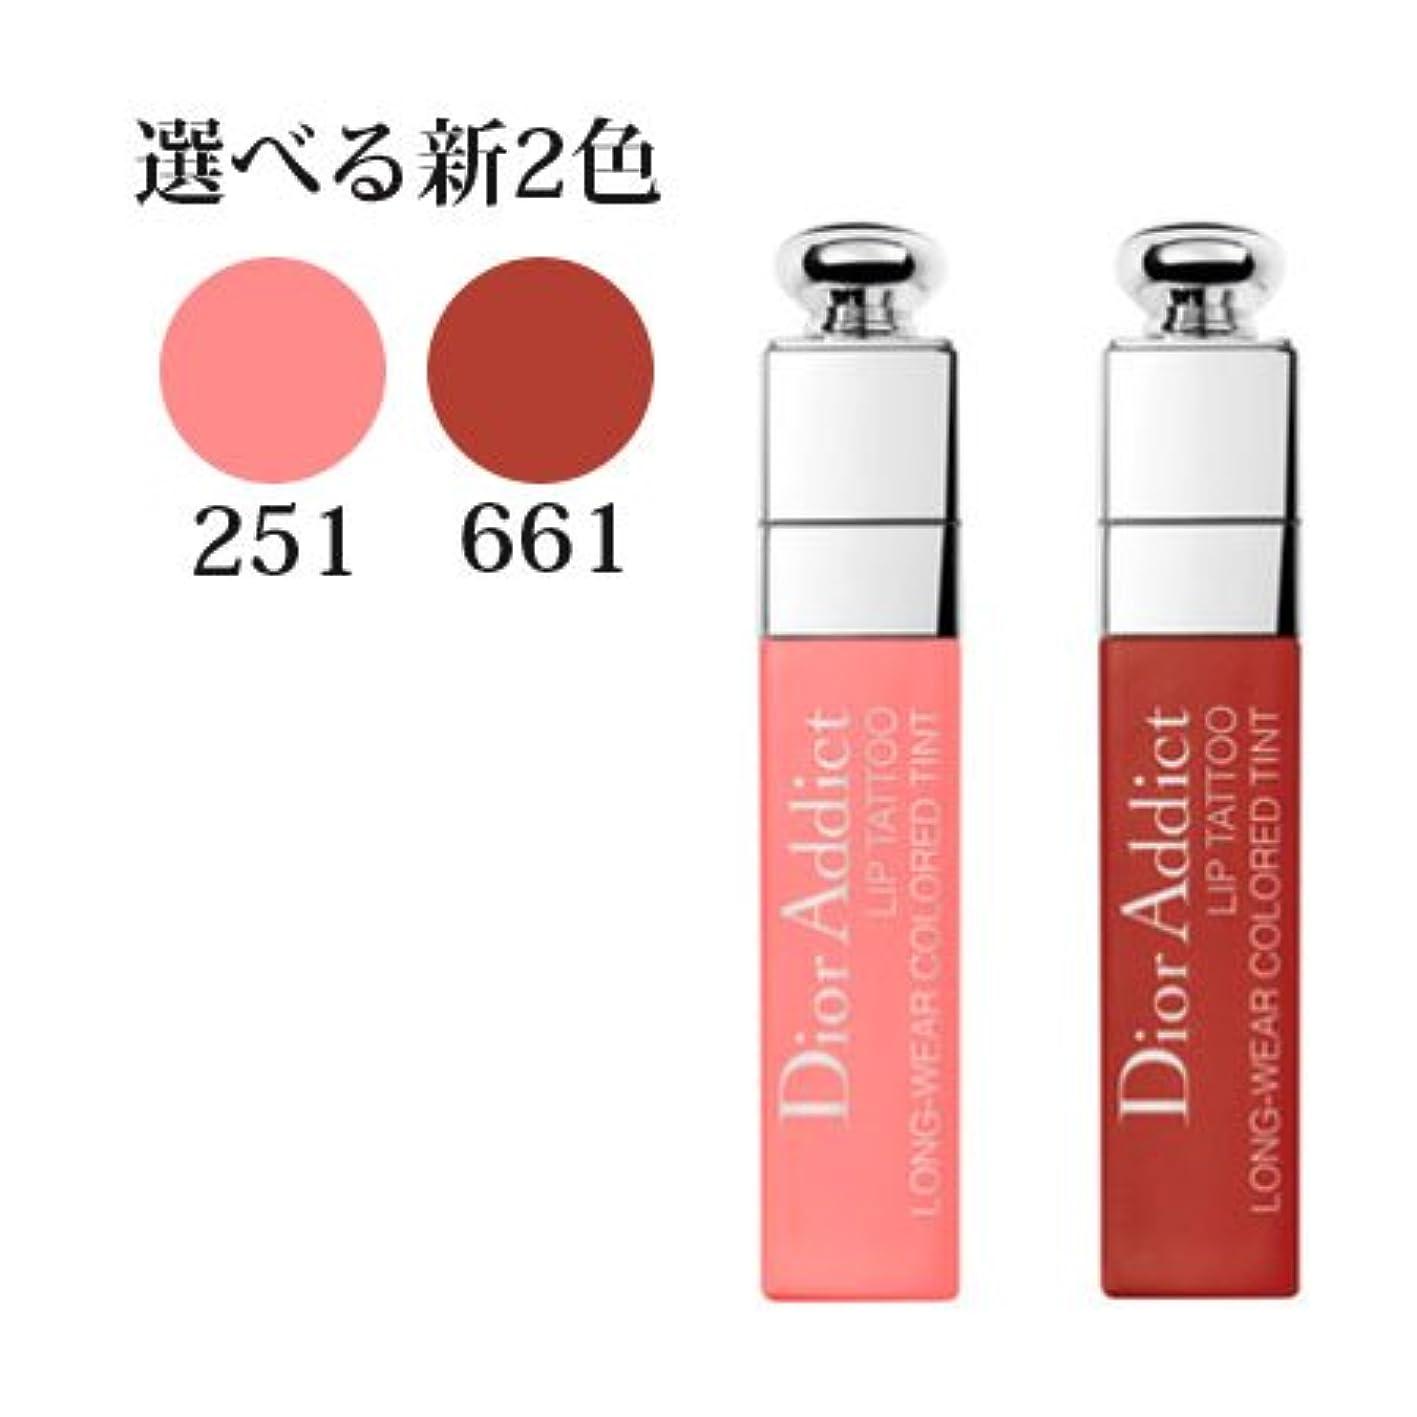 ペインティング失ひいきにするディオール アディクト リップ ティント 選べる新2色 -Dior- 661:ナチュラル レッド